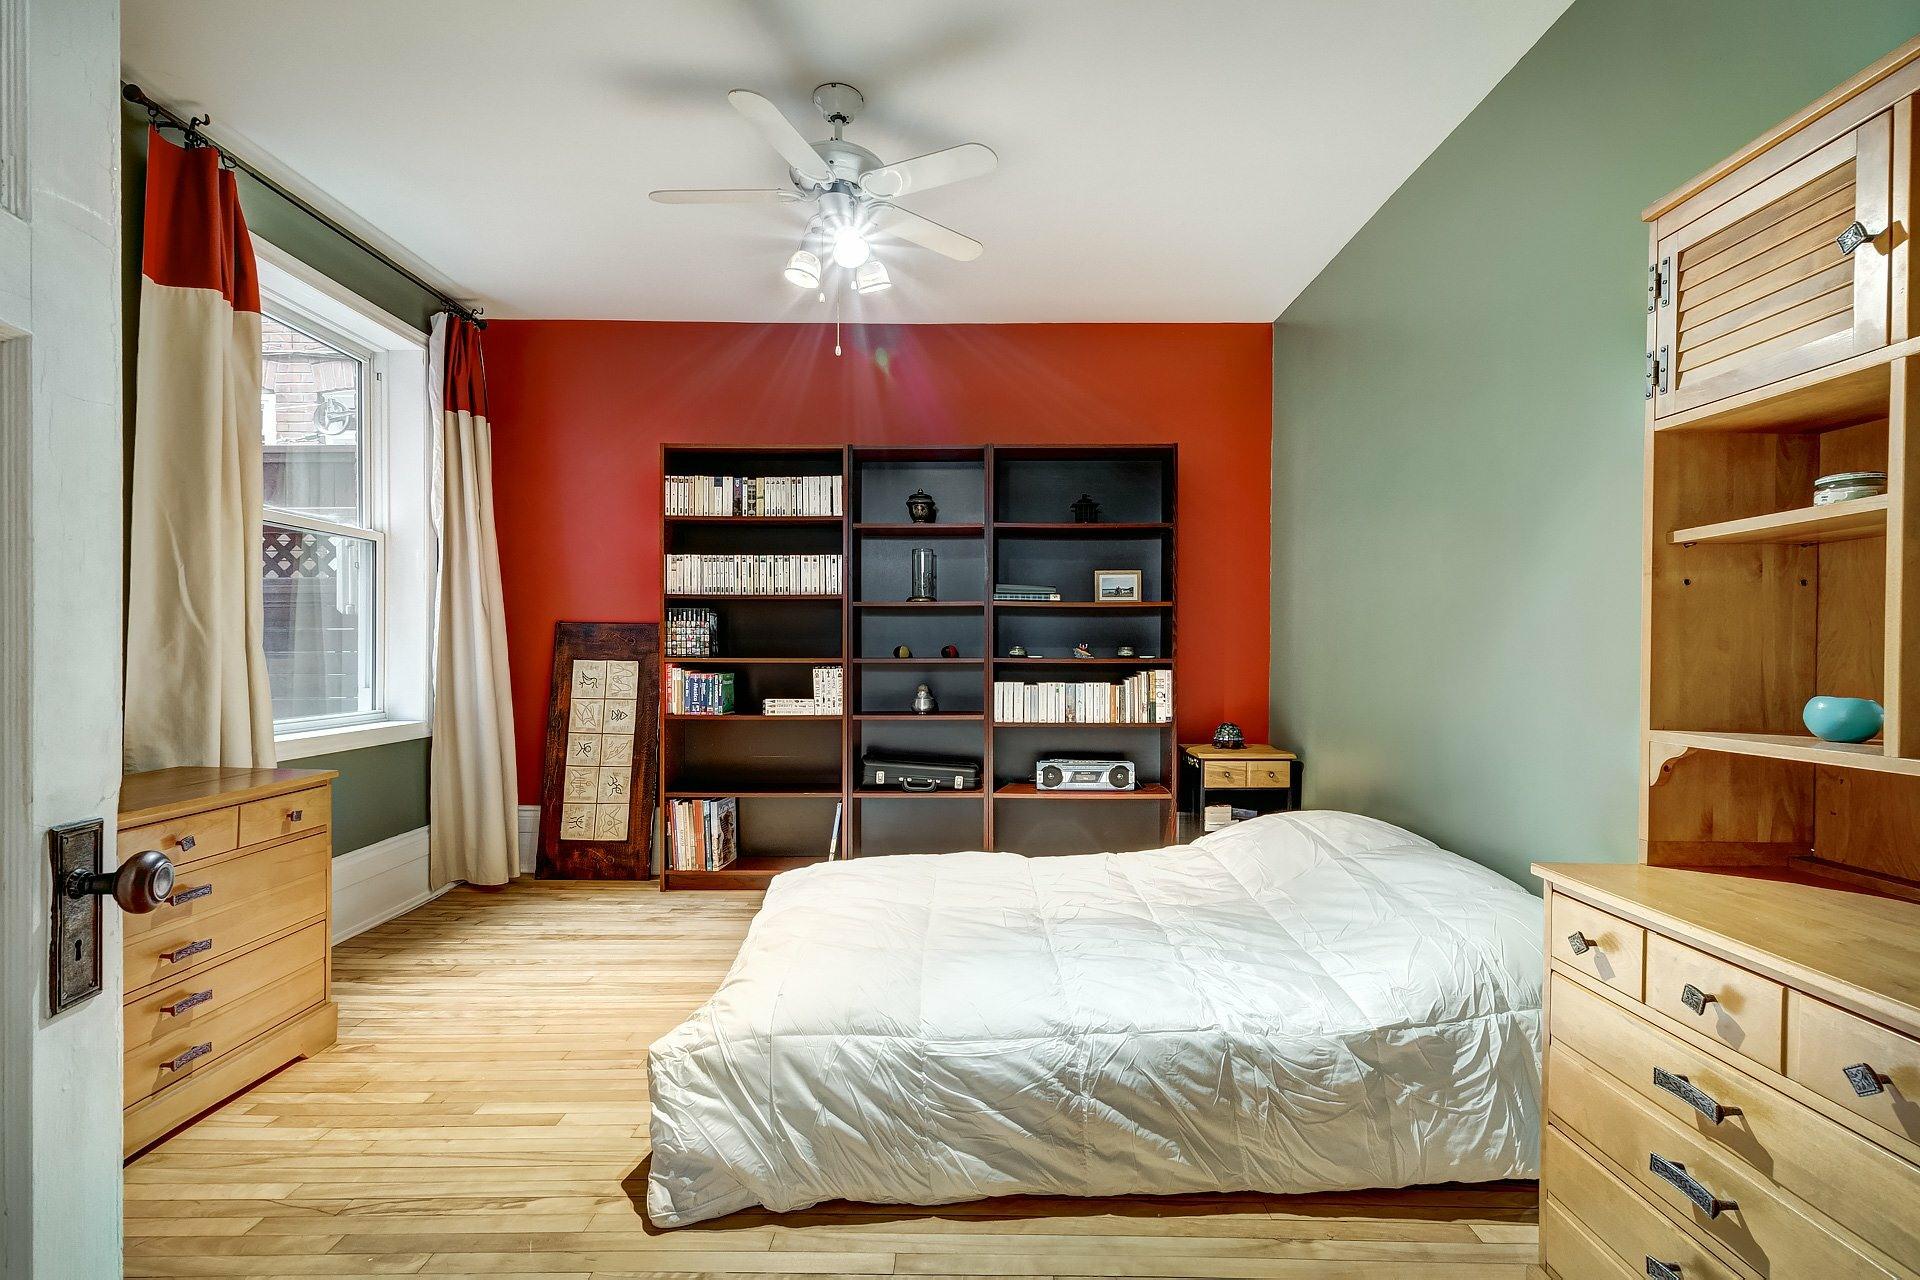 image 4 - Appartement À vendre Outremont Montréal  - 7 pièces